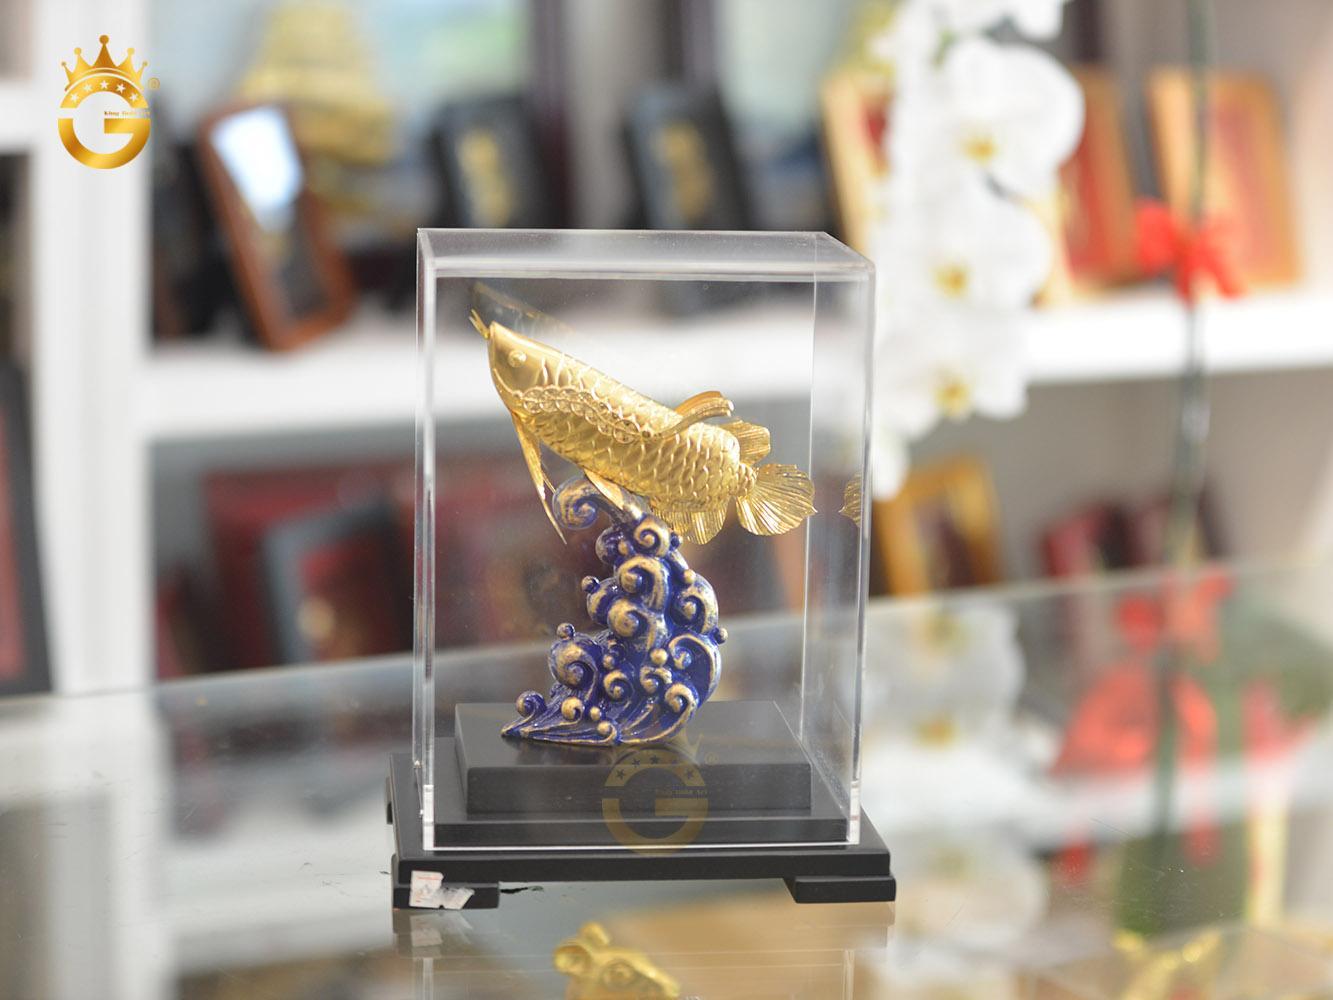 Quà Tặng Sếp- Tượng Cá Rồng Phong Thủy Mạ Vàng 24k0